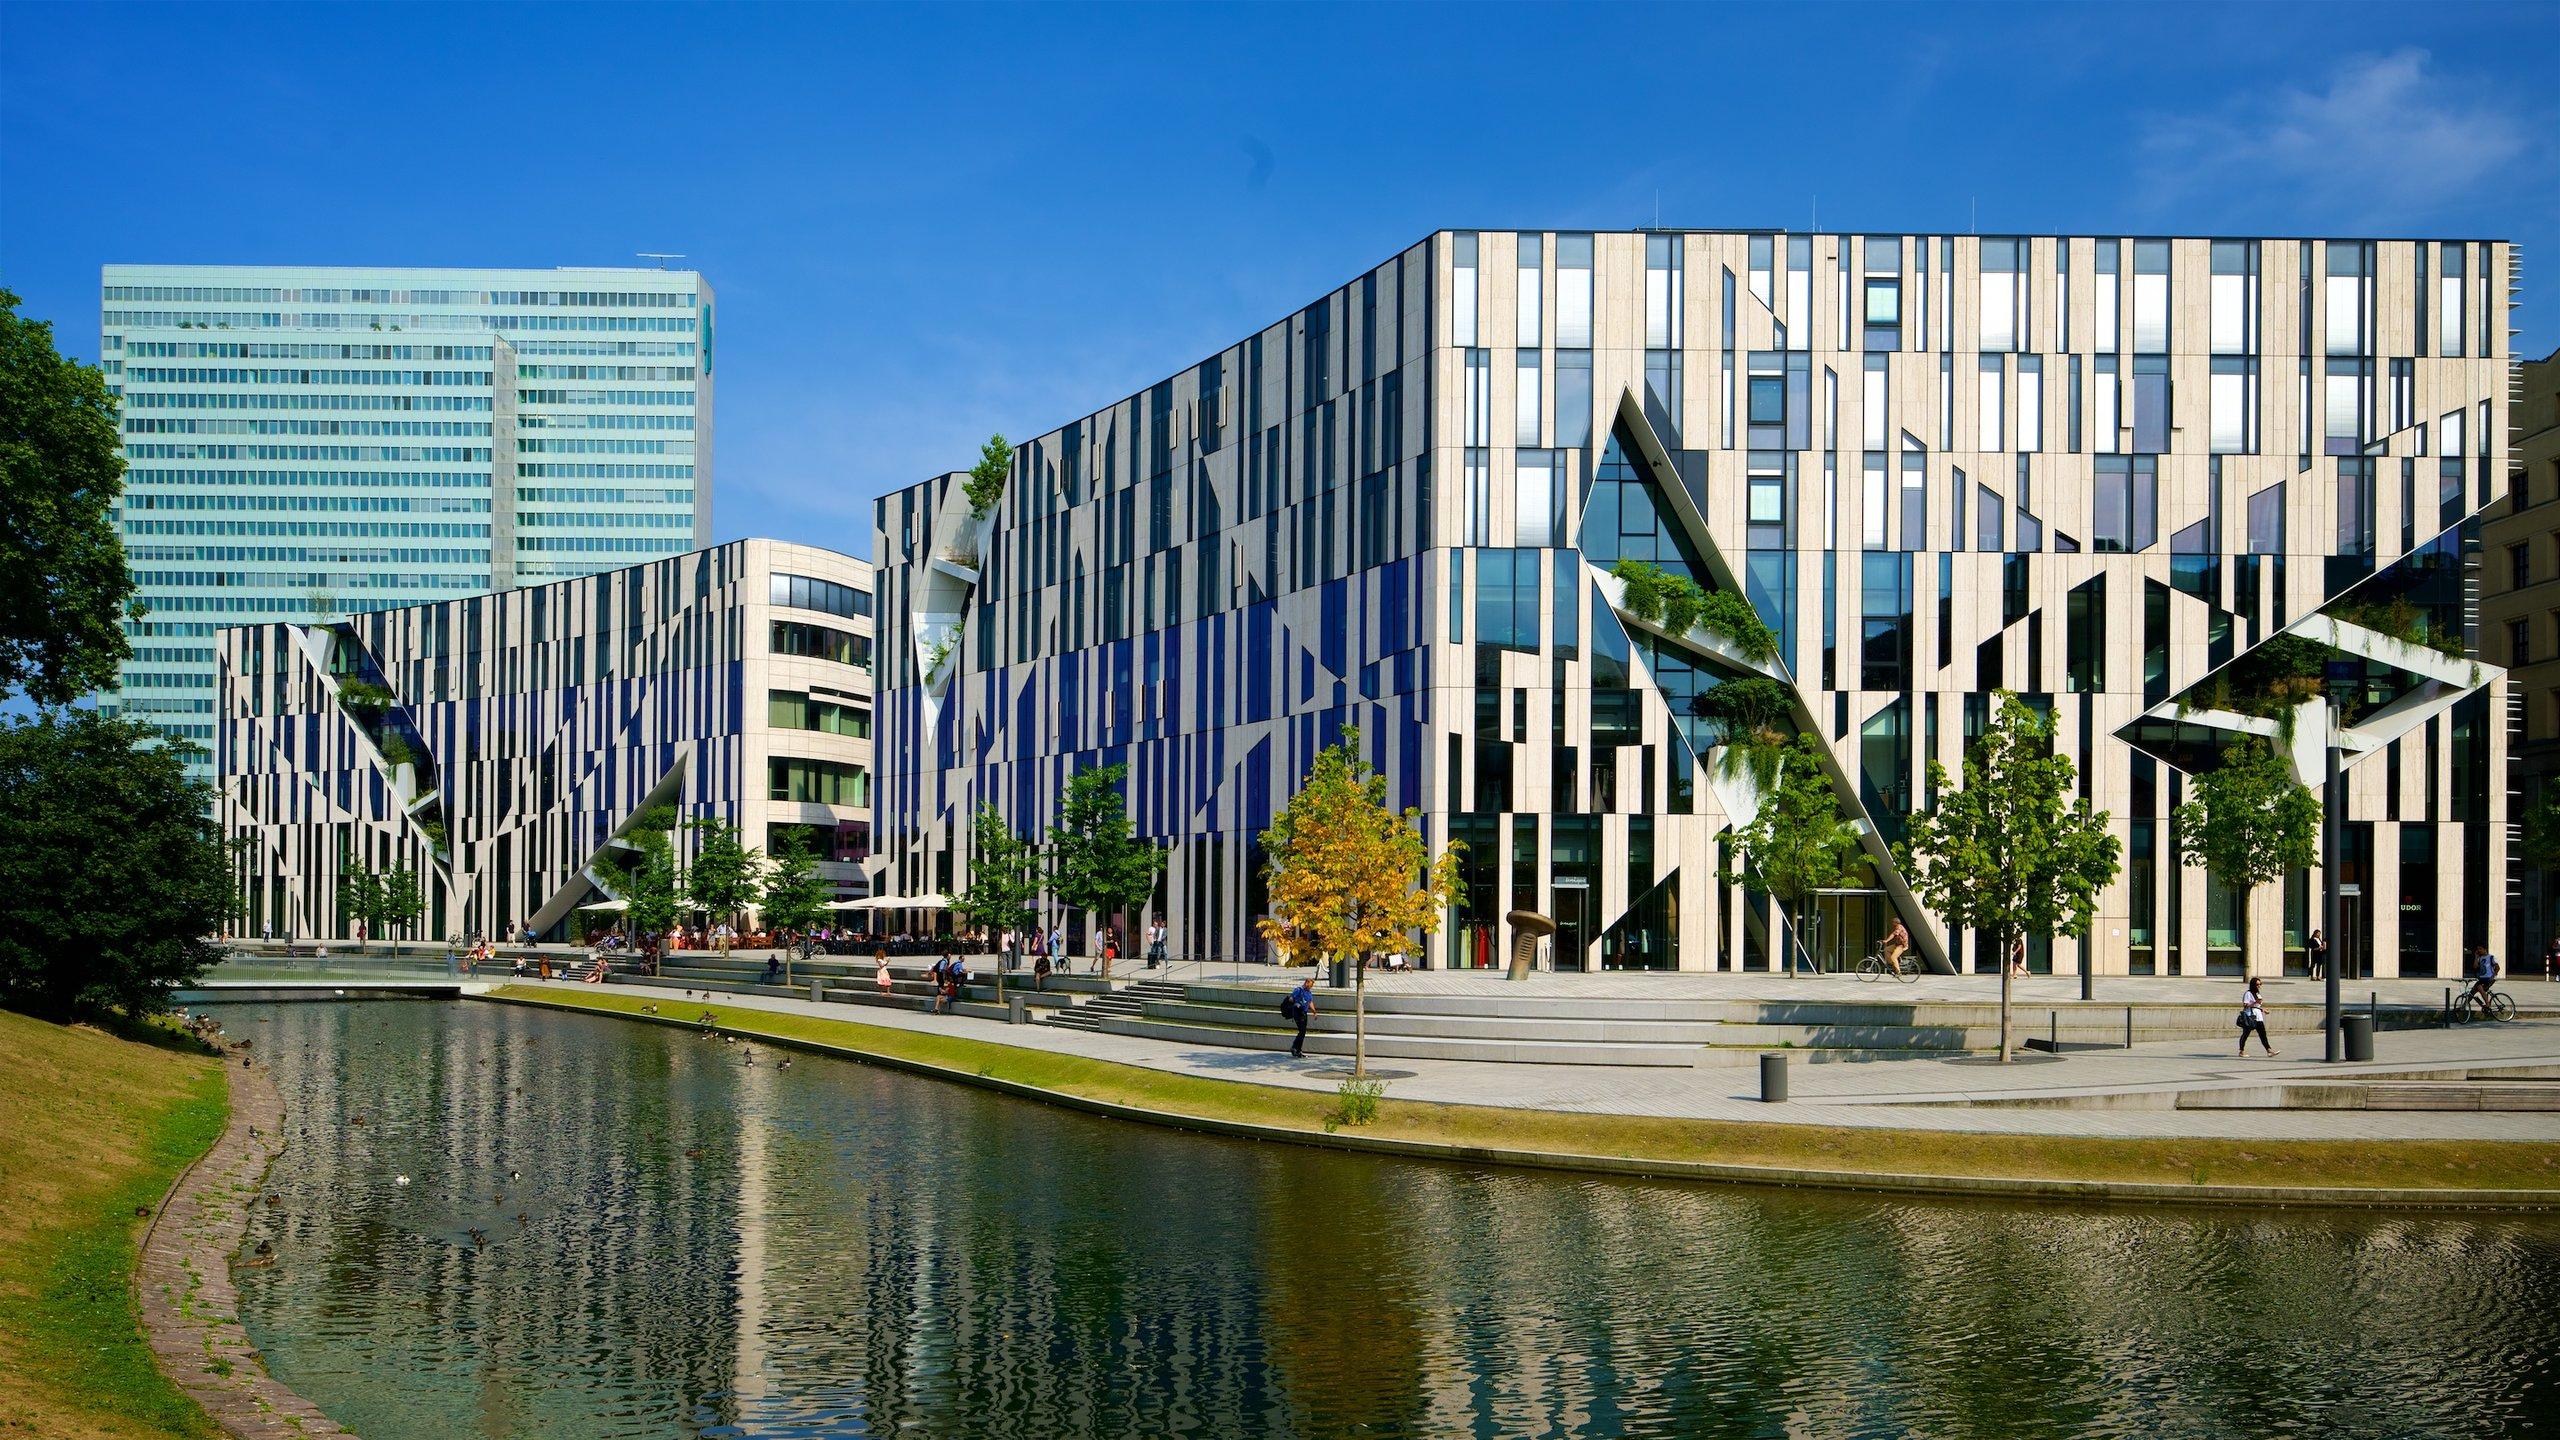 Sur l'une des avenues commerçantes les plus fréquentées d'Allemagne vous attendent des marques de luxe, un canal pittoresque et des ponts élégants.